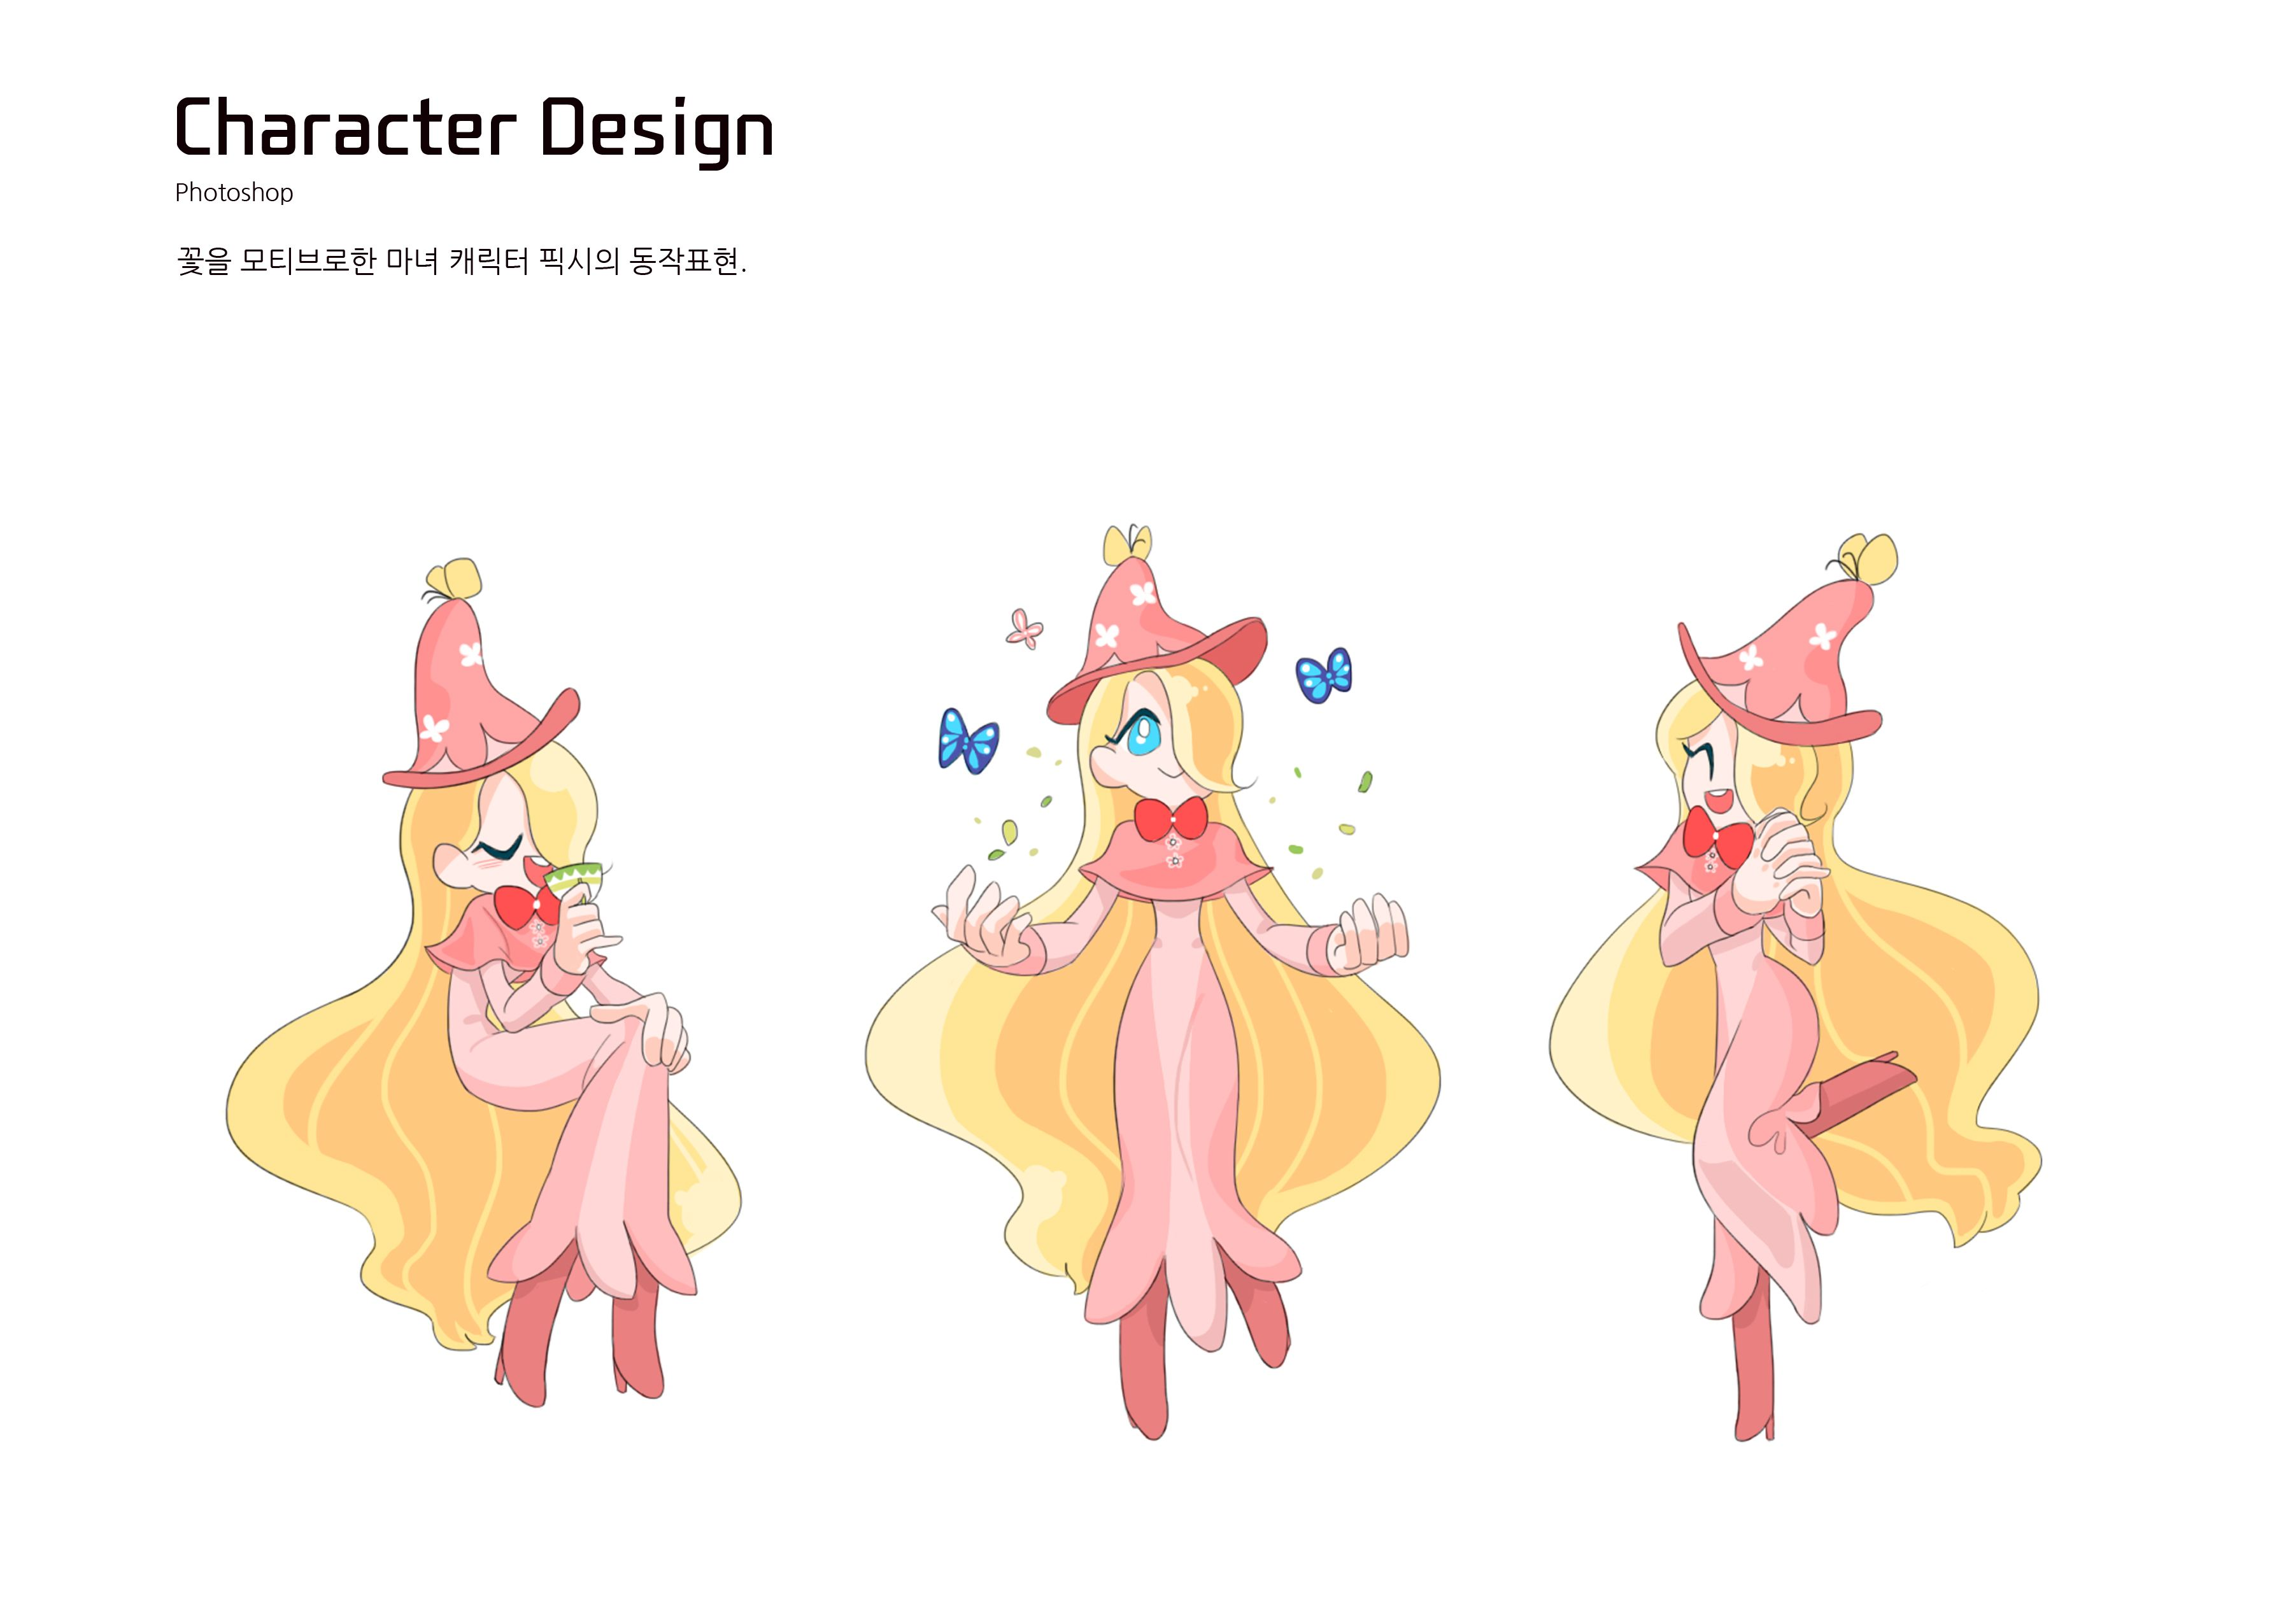 꽃을 모티브로한 마녀 캐릭터 릿시의 동작표현.